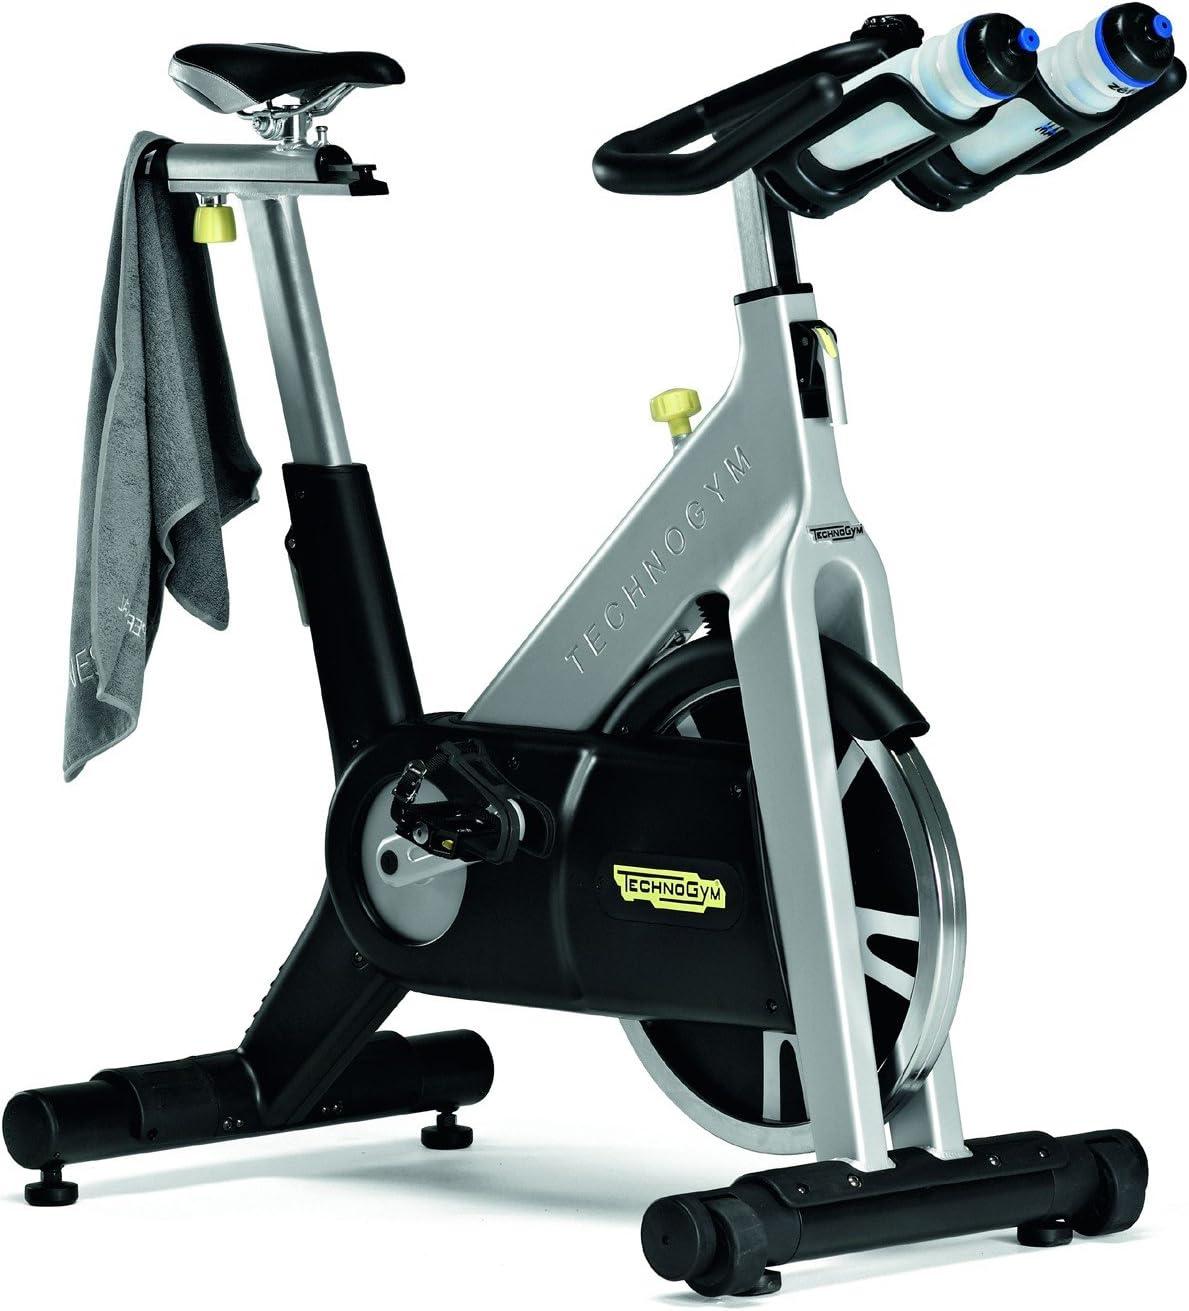 TechnoGym grupo ciclo Spin bicicleta con consola: Amazon.es: Deportes y aire libre